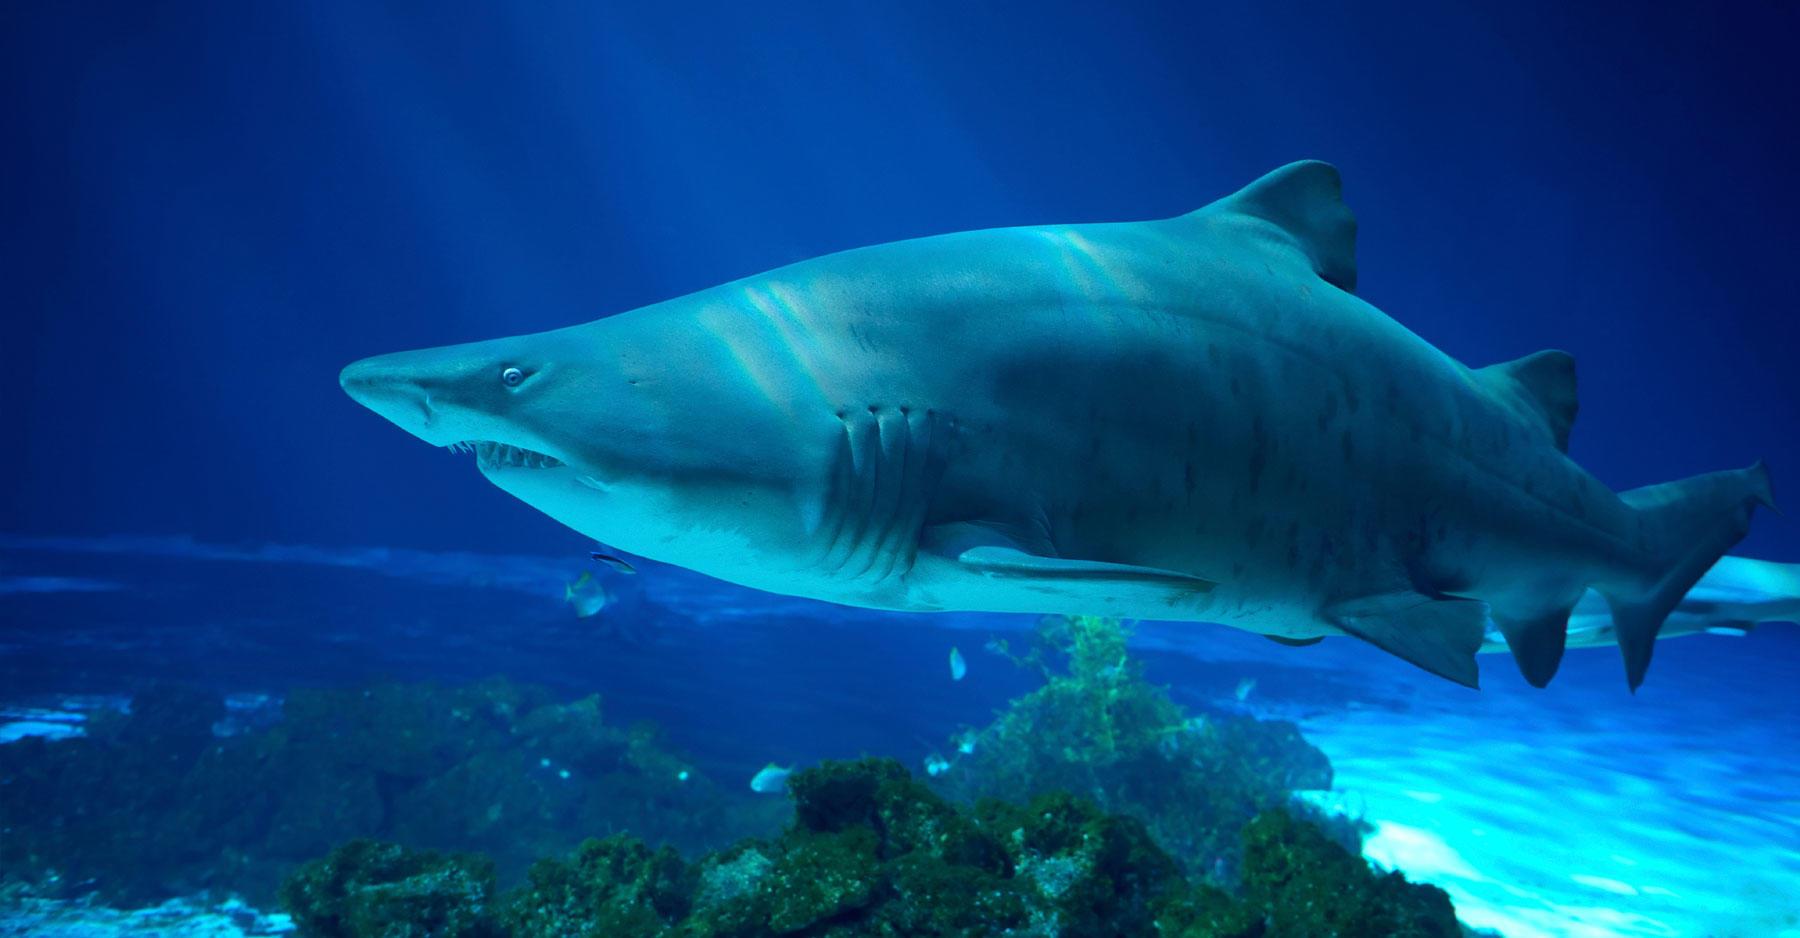 Dubai Aquarium Launches Program To Breed Threatened Sand